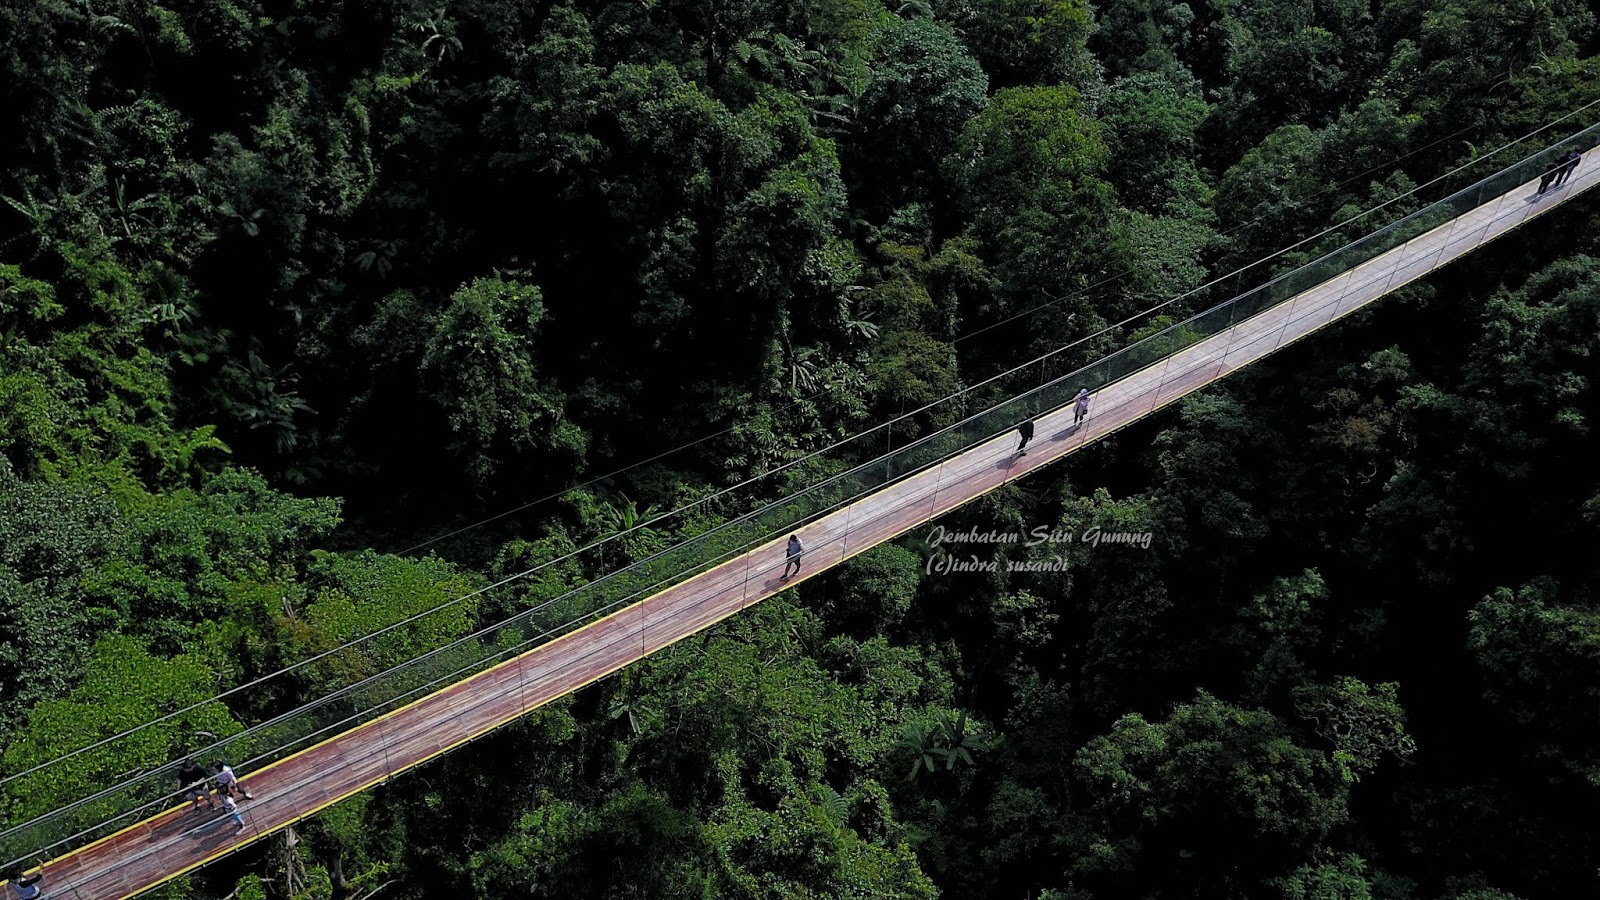 Menikmati Sensasi Di Ketinggian Jembatan Gantung Situ Gunung